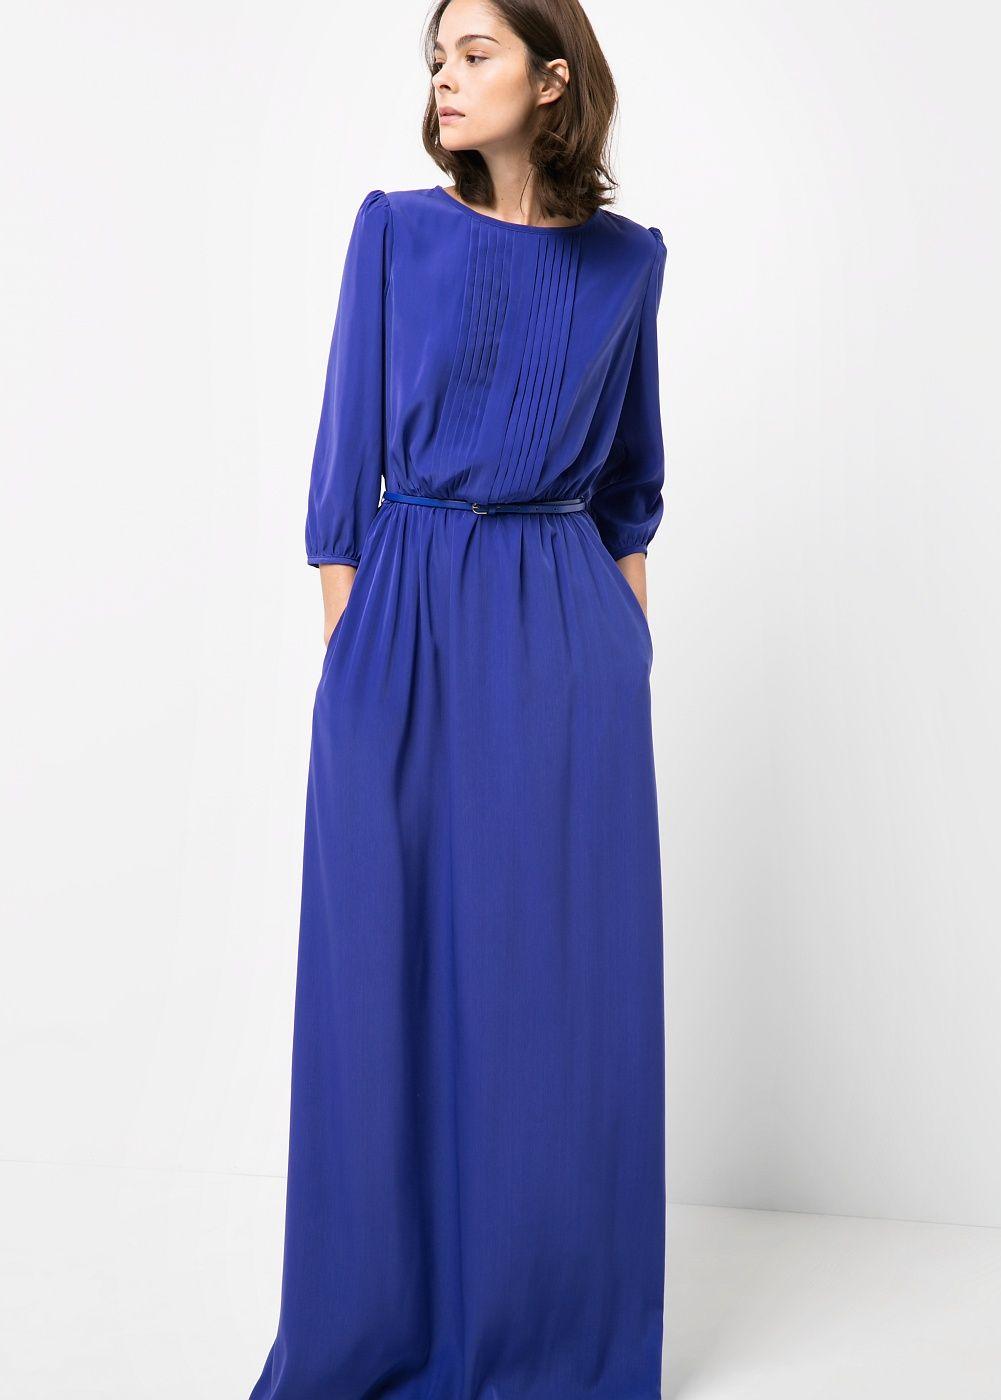 77634e571d Satin gown - Woman